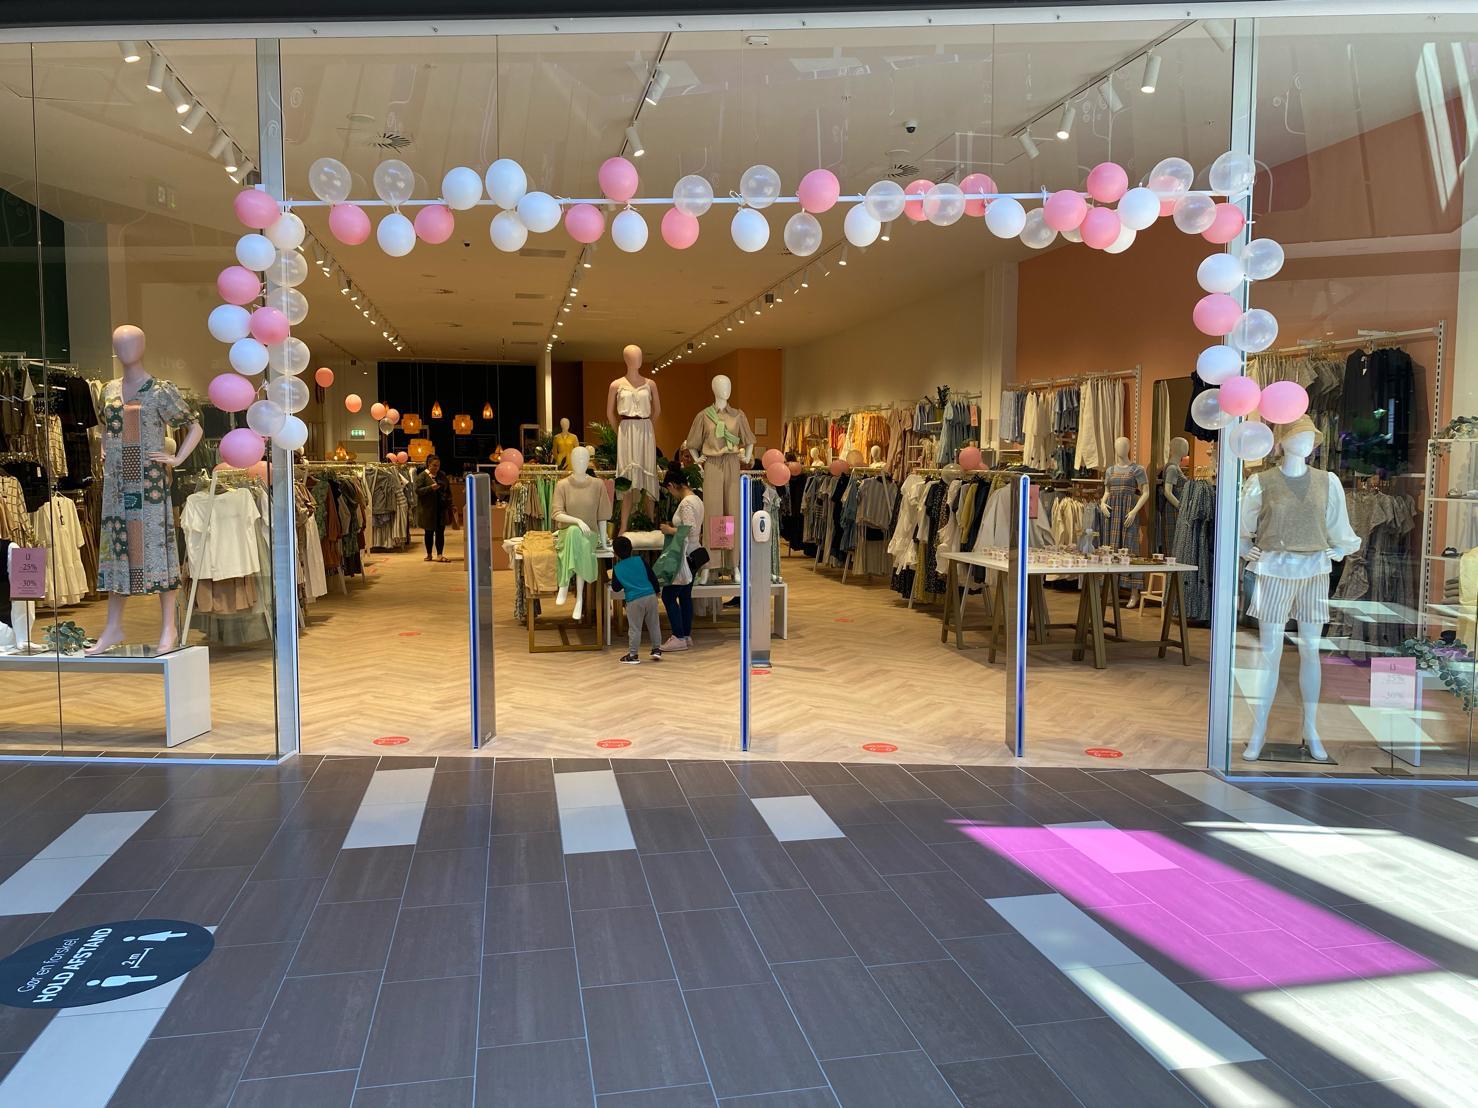 Åbning af butikken med rosa farvede mannequiner